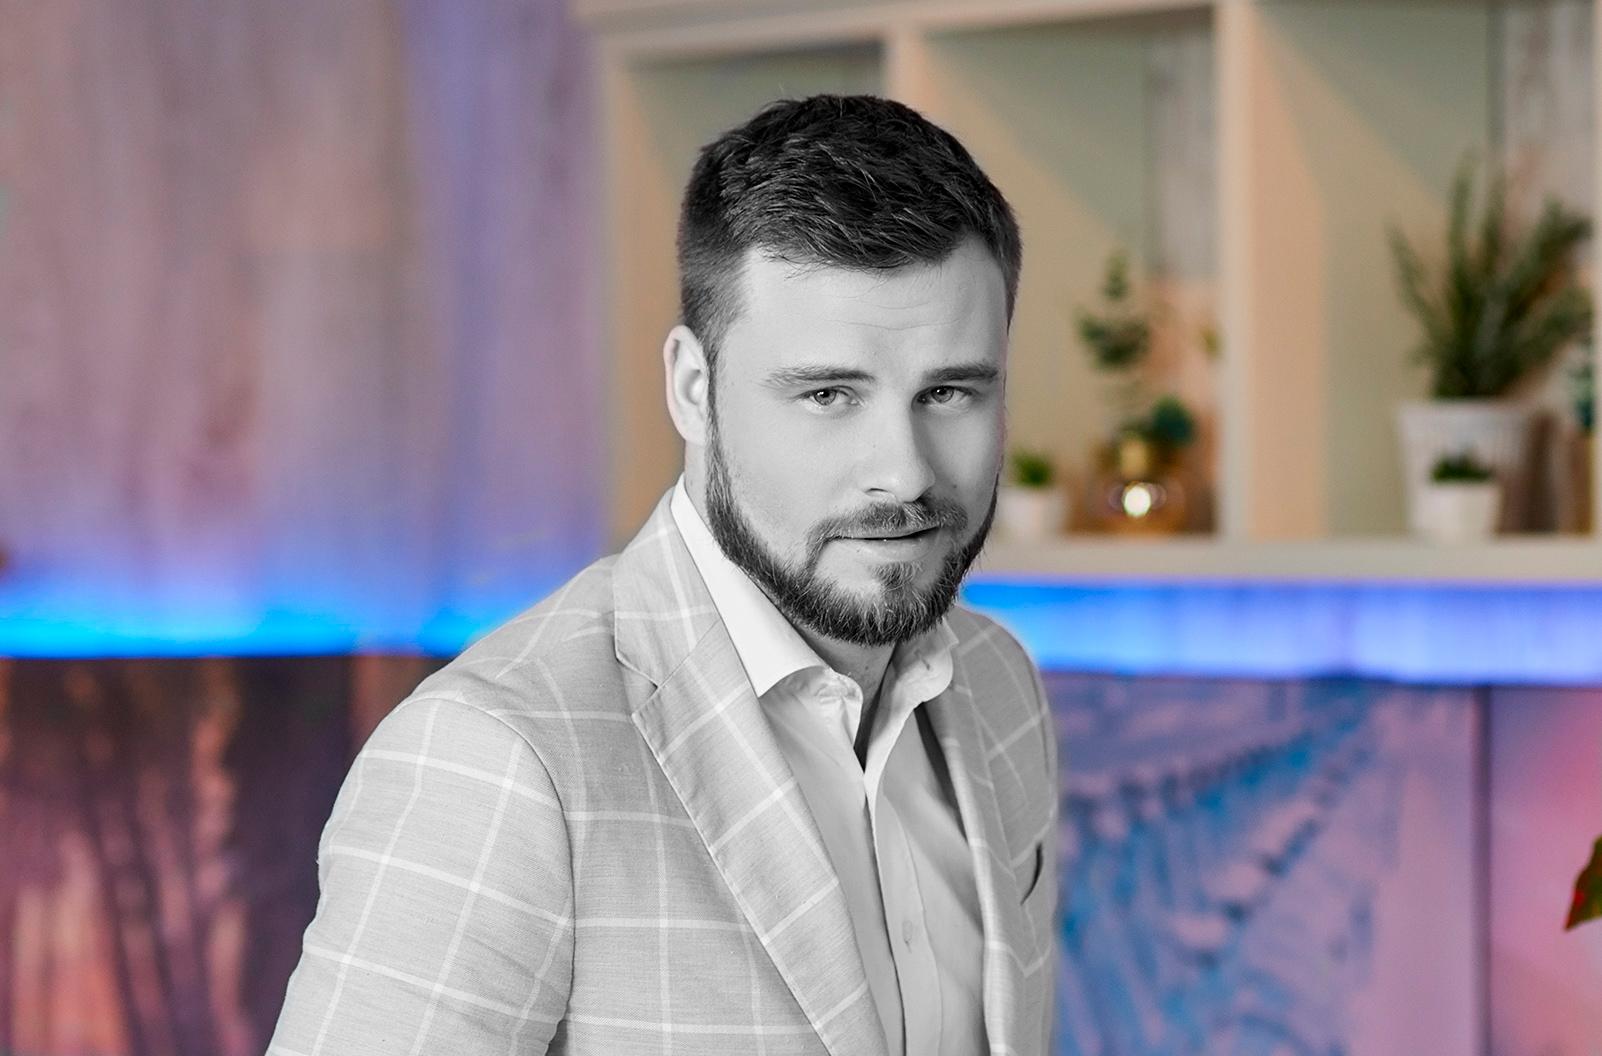 «Уже через полгода мы не узнаем украинское телевидение», - ведущий телешоу «Сніданок з 1+1» Егор Гордеев о телевизионной технологии и будущем отрасли